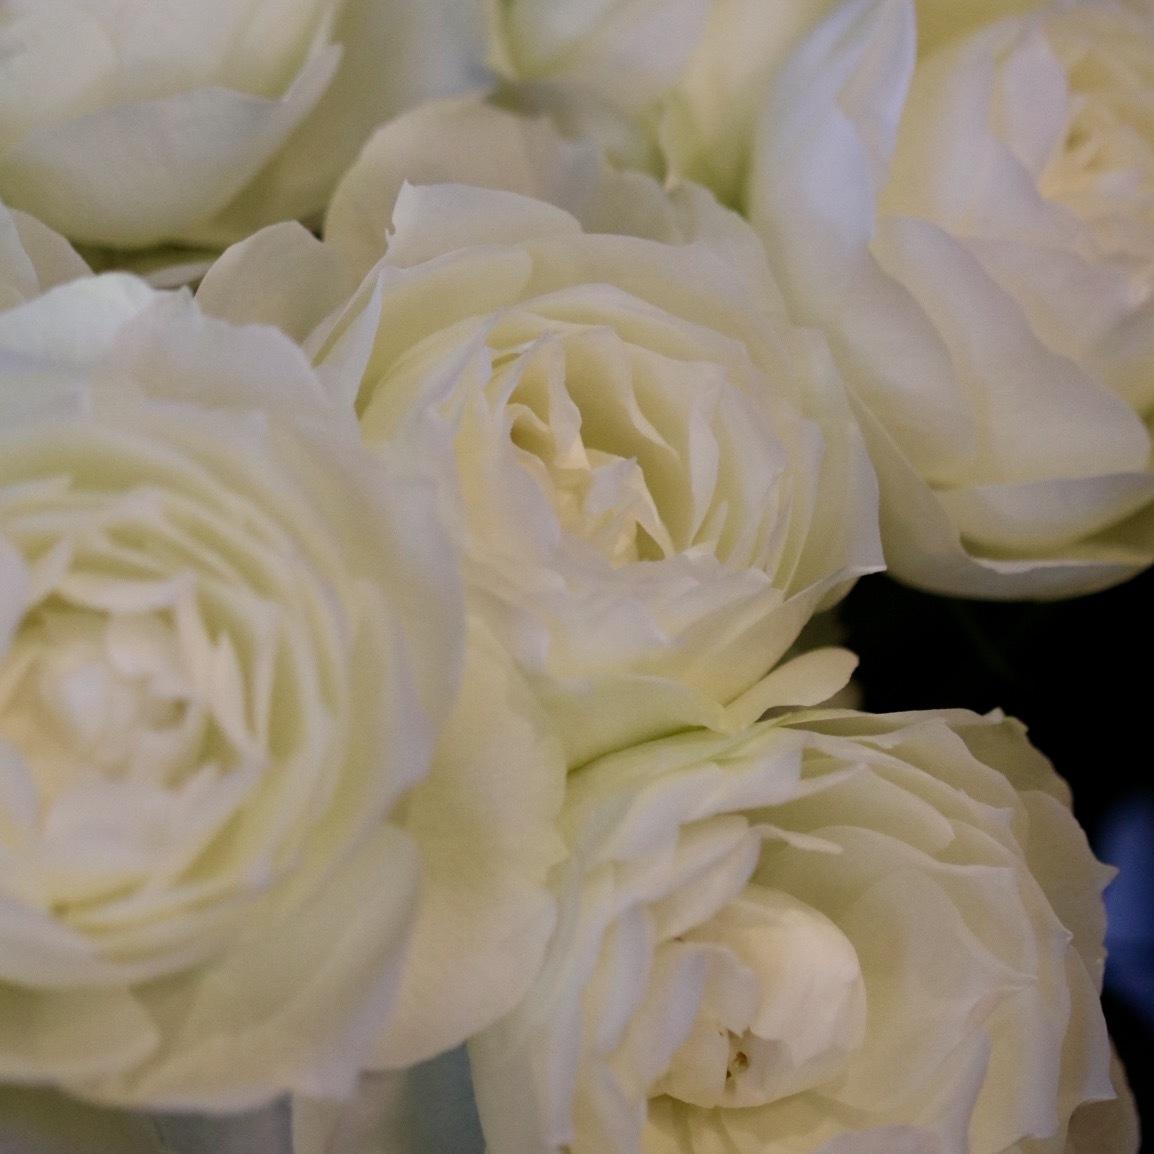 週末には、花屋に行こう!_c0366722_17535162.jpg